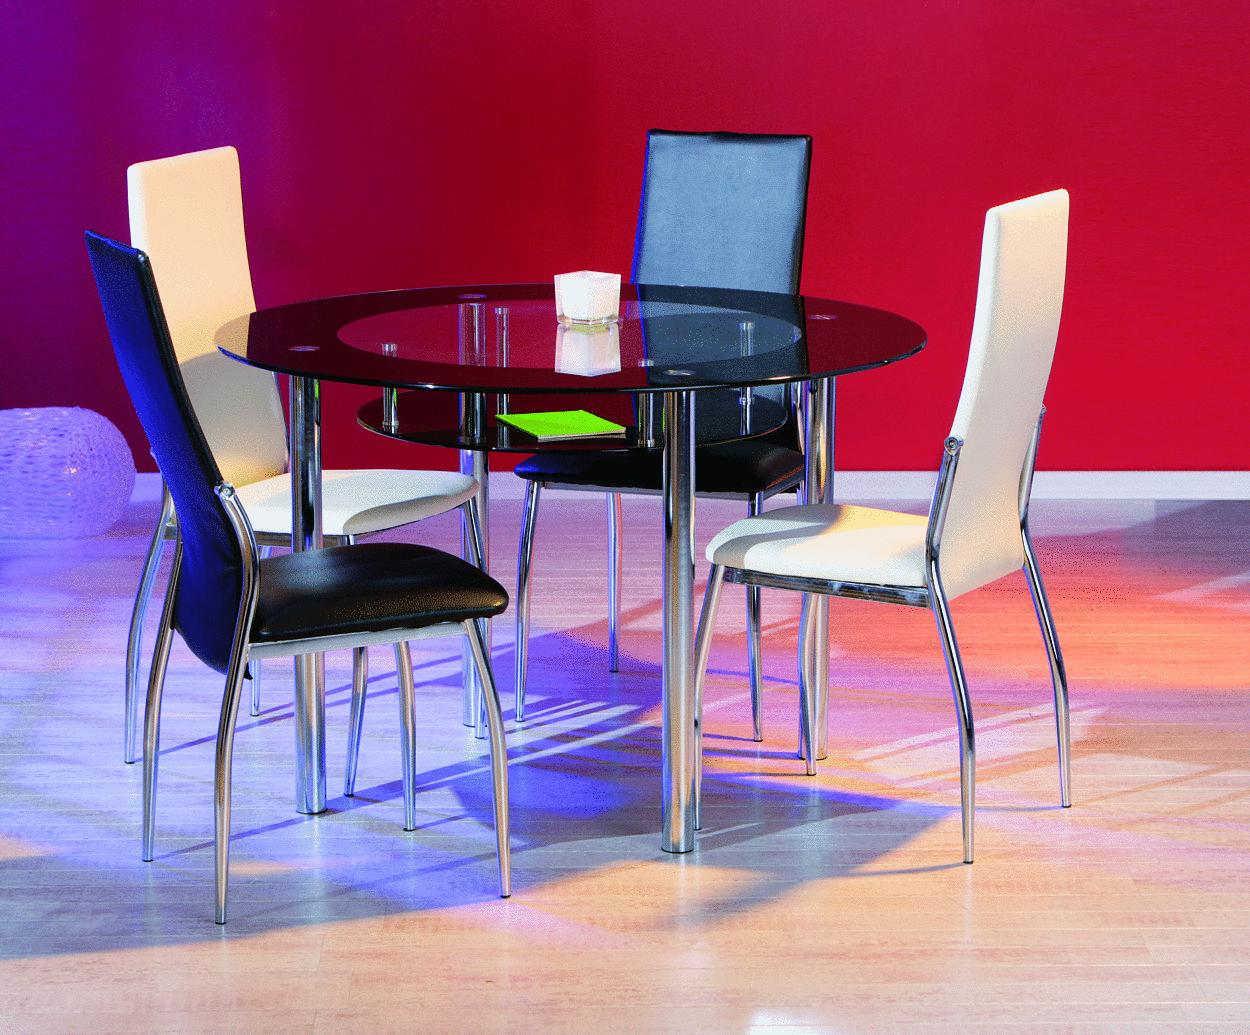 Glass Tavolo Moderno In Vetro Tavolo In Due Modelli Per Cucina #87042B 1250 1035 Tavolo Sala Da Pranzo Rotondo